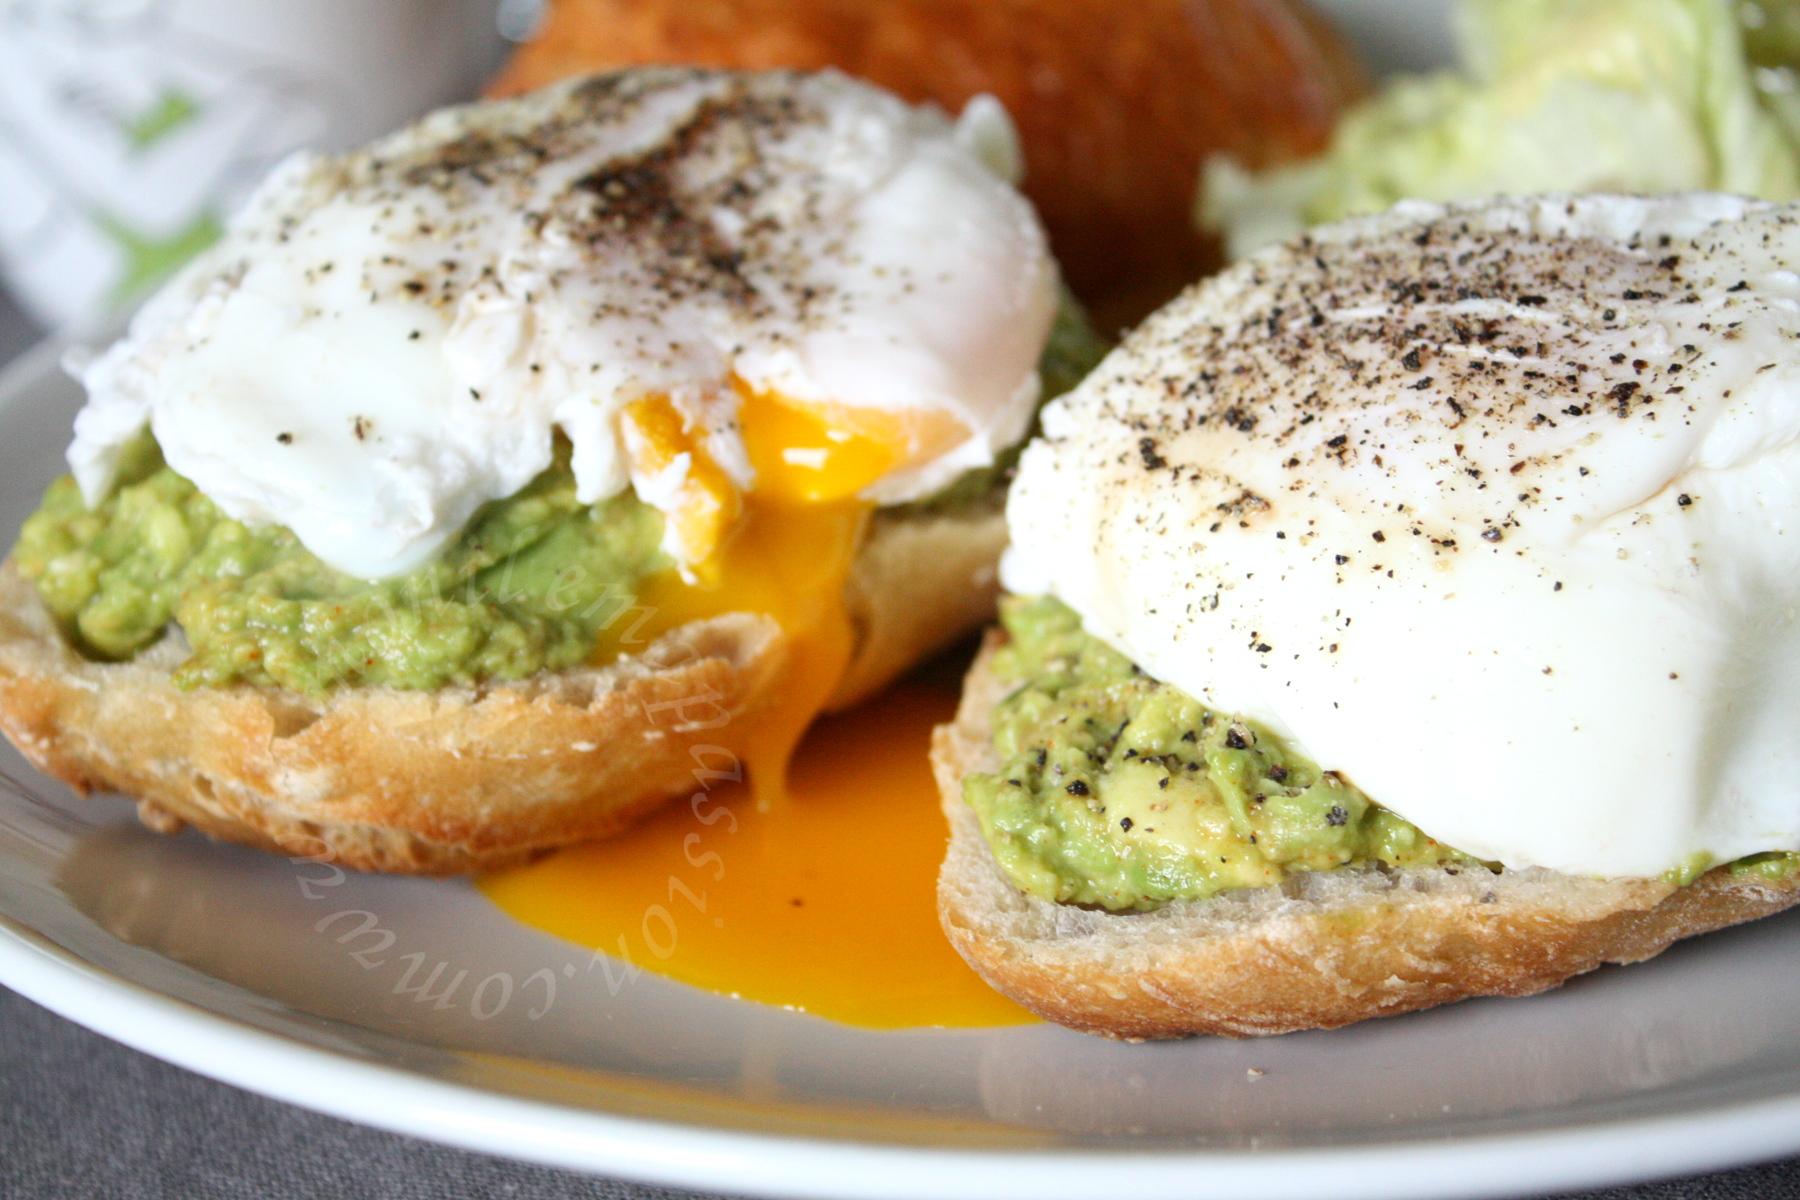 Purée d'avocats et œufs pochés sur baguette - Mashed avocados & poached eggs on baguette toastsNotre brunch du dimanche, tartine de pain baguette à l'ancienne, avec une petite purée d'avocat et œufs pochés. Une vraie tuerie! C'était mon premier essai d'œuf poché, je n'étais pas très confiante au départ :D mais vu le résultat, je pense m'en être bien tirée. Il faut vraiment des œufs extra frais pour faire des œufs pochés, et surtout de bonne qualité, oubliez les œufs marqués du chiffre 2 et 3. Privilégiez des œufs classés 1 ou bio à bon entendeur... Mon petit doigt m'a dit qu'une petite Célia adore les œufs pochés, alors je te dédie cette recette, ma grande ^_^. Ta maman te fera de gros bisous pour moi, ainsi qu'à ta sœur :D Je vous propose un lien pour savoir comment procéder pour la réalisation des œufs pochés: un clic ici: http://chefsimon.lemonde.fr/oeufs-poches.html Purée d'avocats et œufs pochés sur baguette – Mashed avocados & poached eggs on baguette toastsPurée d'avocats et œufs pochés sur baguette - Mashed avocados & poached eggs on baguette toastsNotre brunch du dimanche, tartine de pain baguette à l'ancienne, avec une petite purée d'avocat et œufs pochés. Une vraie tuerie! C'était mon premier essai d'œuf poché, je n'étais pas très confiante au départ :D mais vu le résultat, je pense m'en être bien tirée. Il faut vraiment des œufs extra frais pour faire des œufs pochés, et surtout de bonne qualité, oubliez les œufs marqués du chiffre 2 et 3. Privilégiez des œufs classés 1 ou bio à bon entendeur... Mon petit doigt m'a dit qu'une petite Célia adore les œufs pochés, alors je te dédie cette recette, ma grande ^_^. Ta maman te fera de gros bisous pour moi, ainsi qu'à ta sœur :D Je vous propose un lien pour savoir comment procéder pour la réalisation des œufs pochés: un clic ici: http://chefsimon.lemonde.fr/oeufs-poches.html Purée d'avocats et œufs pochés sur baguette – Mashed avocados & poached eggs on baguette toasts